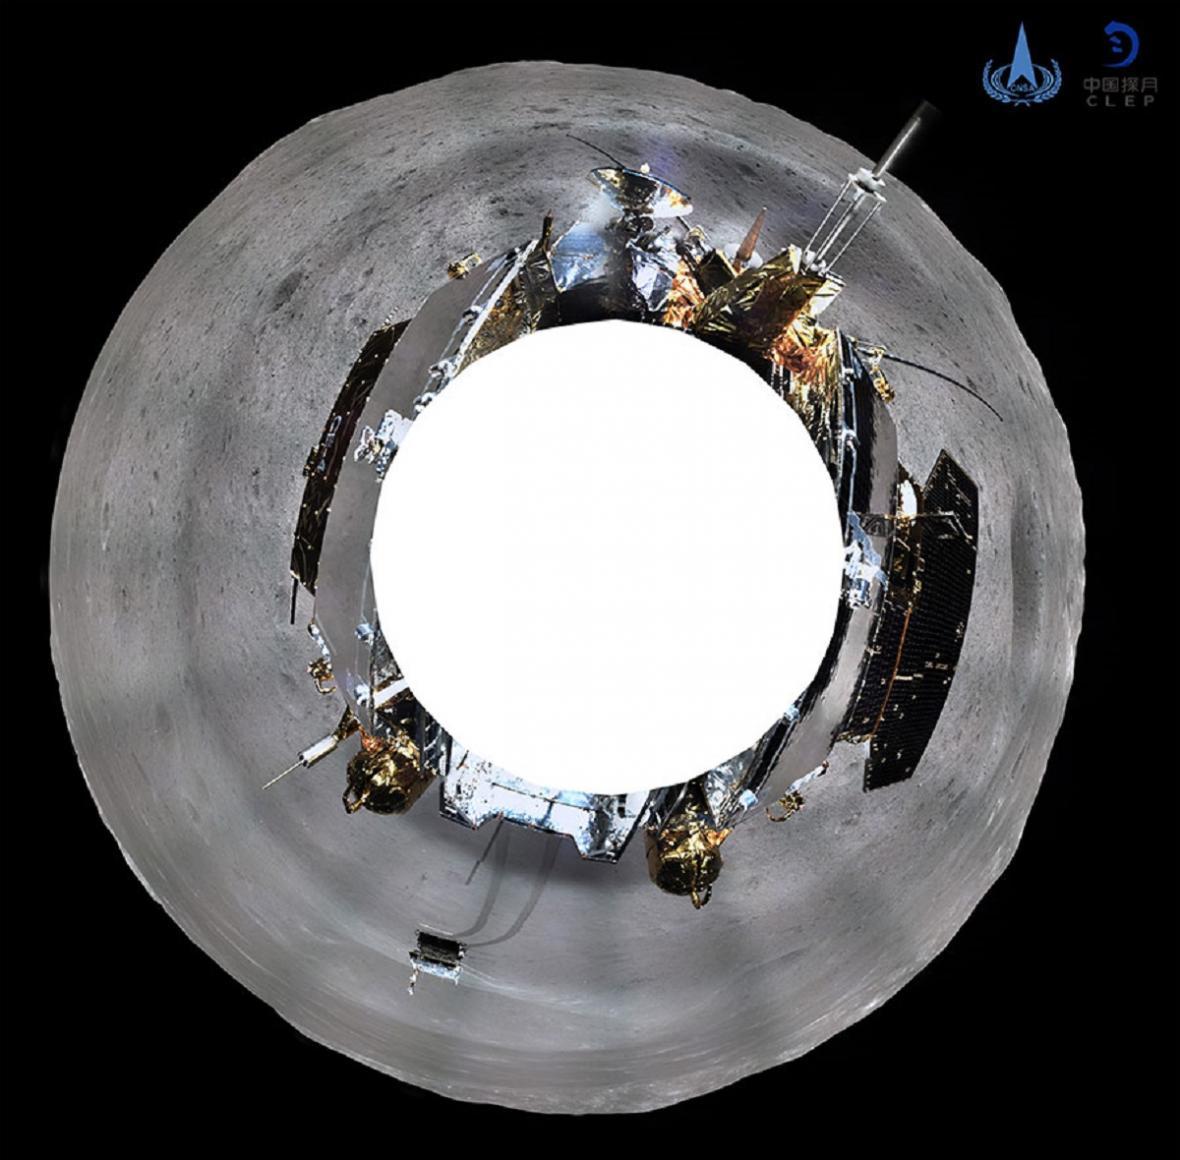 Panoramatický snímek z odvrácené strany Měsíce